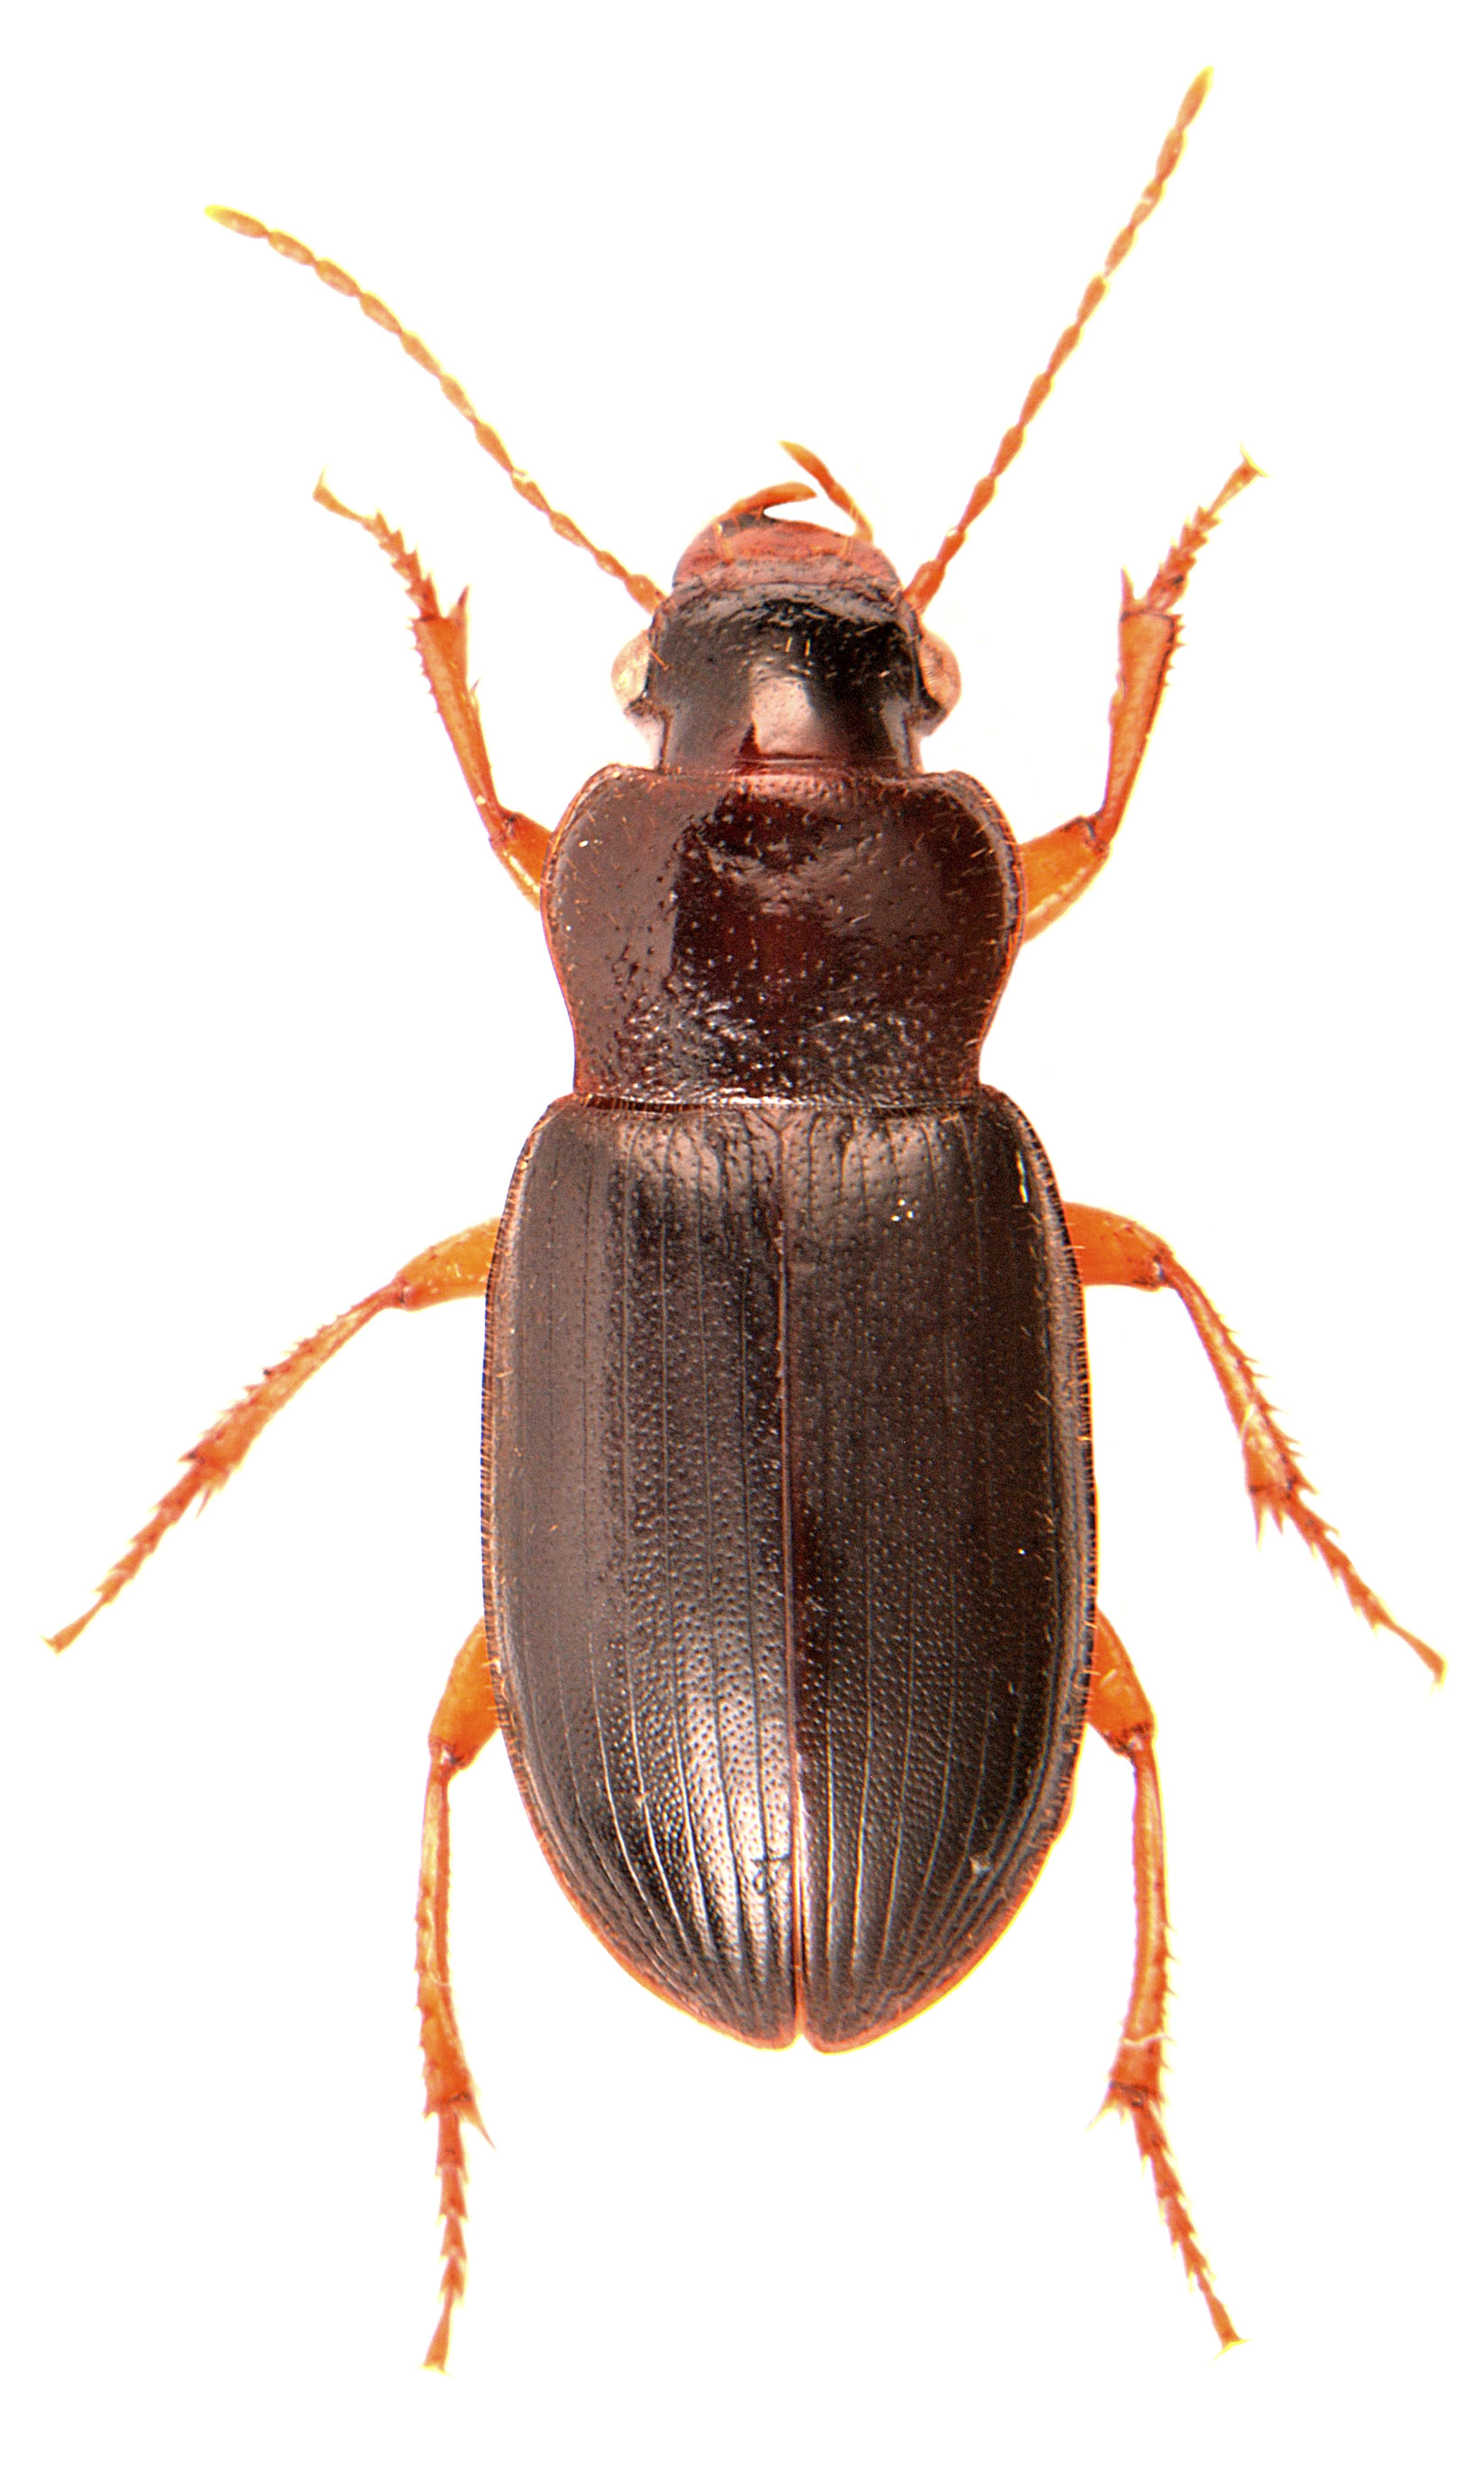 Ophonus rufibarbis 1